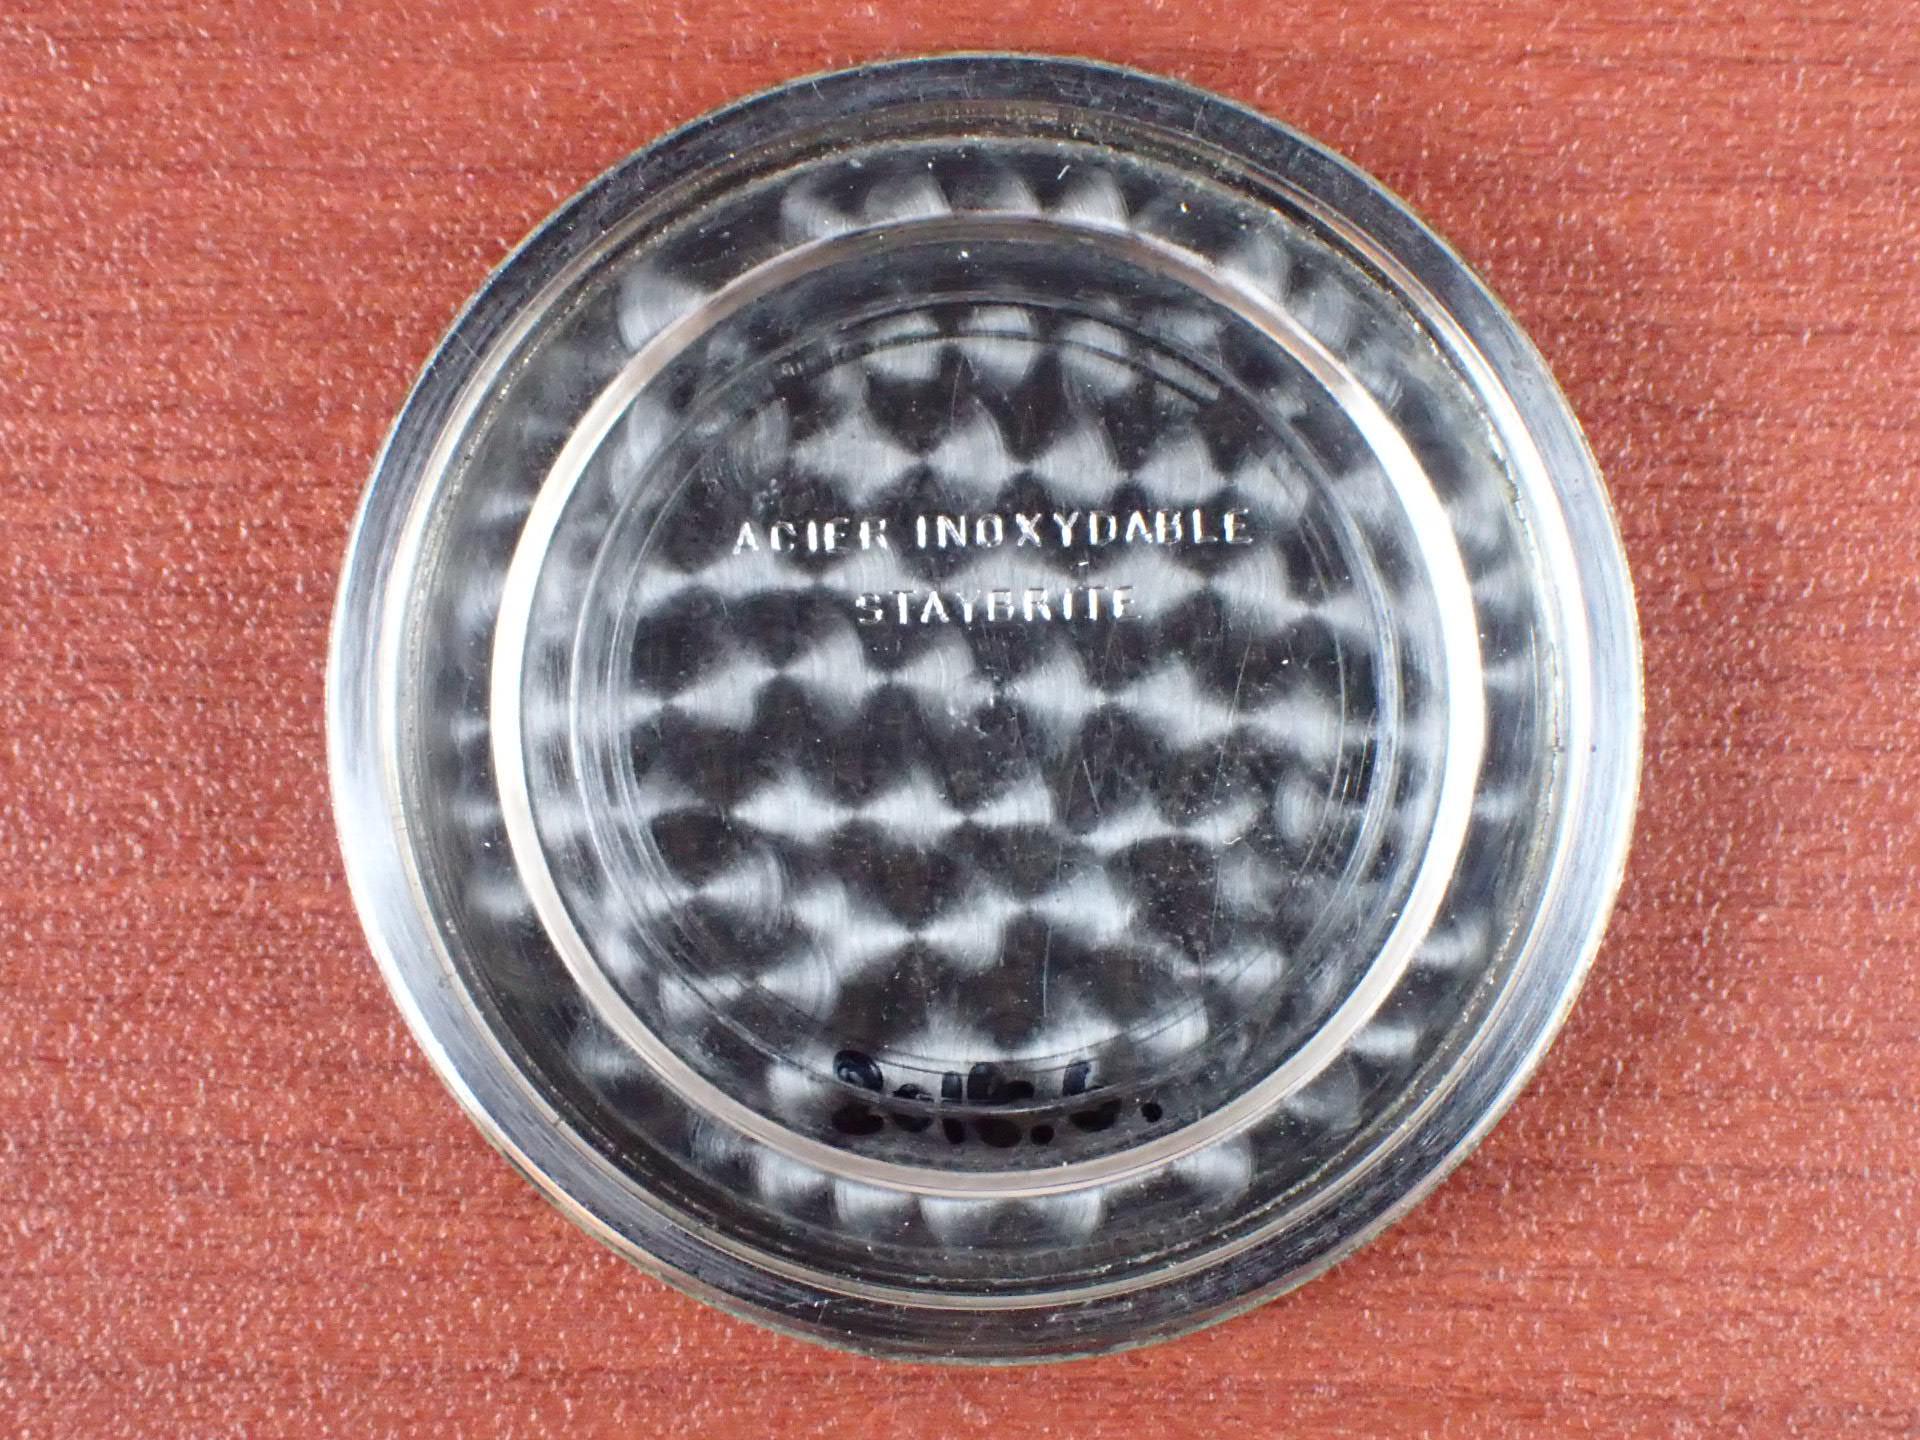 ロンジン ワイドステップベゼル 35mm トレタケ セクターダイアル 1930年代の写真6枚目